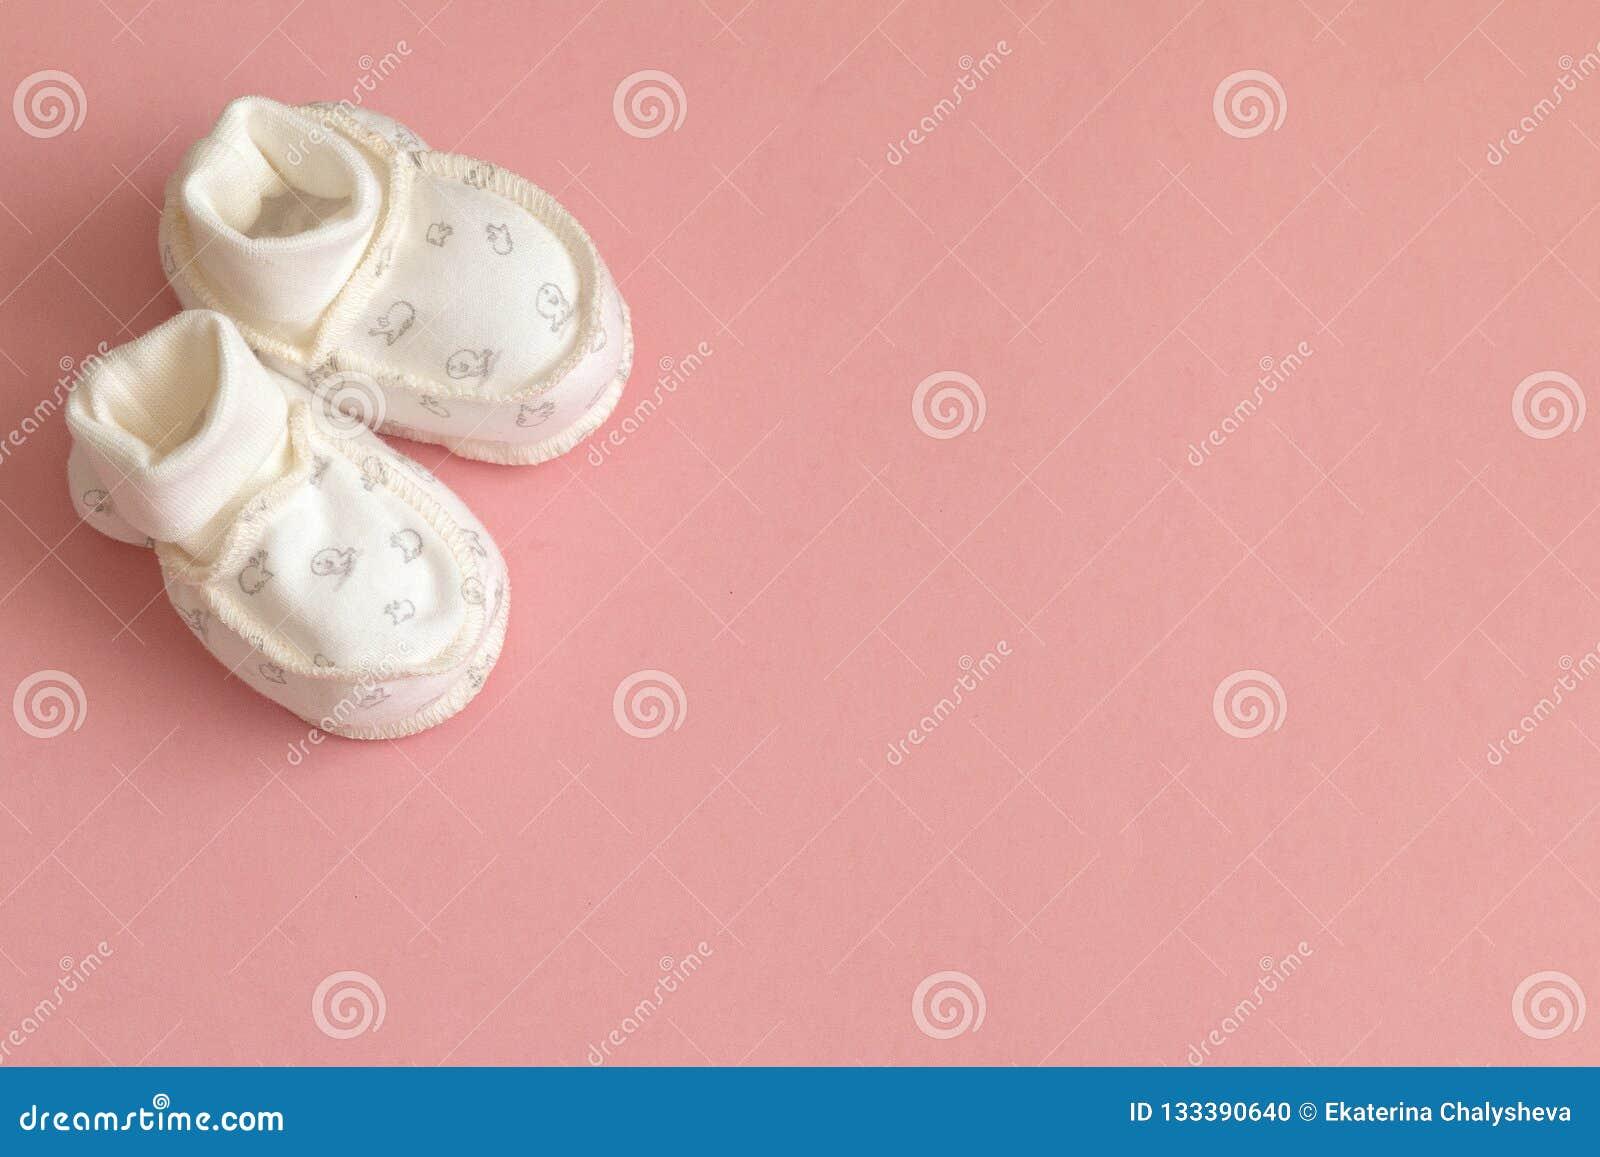 Vit babys barnsockor på rosa bakgrund